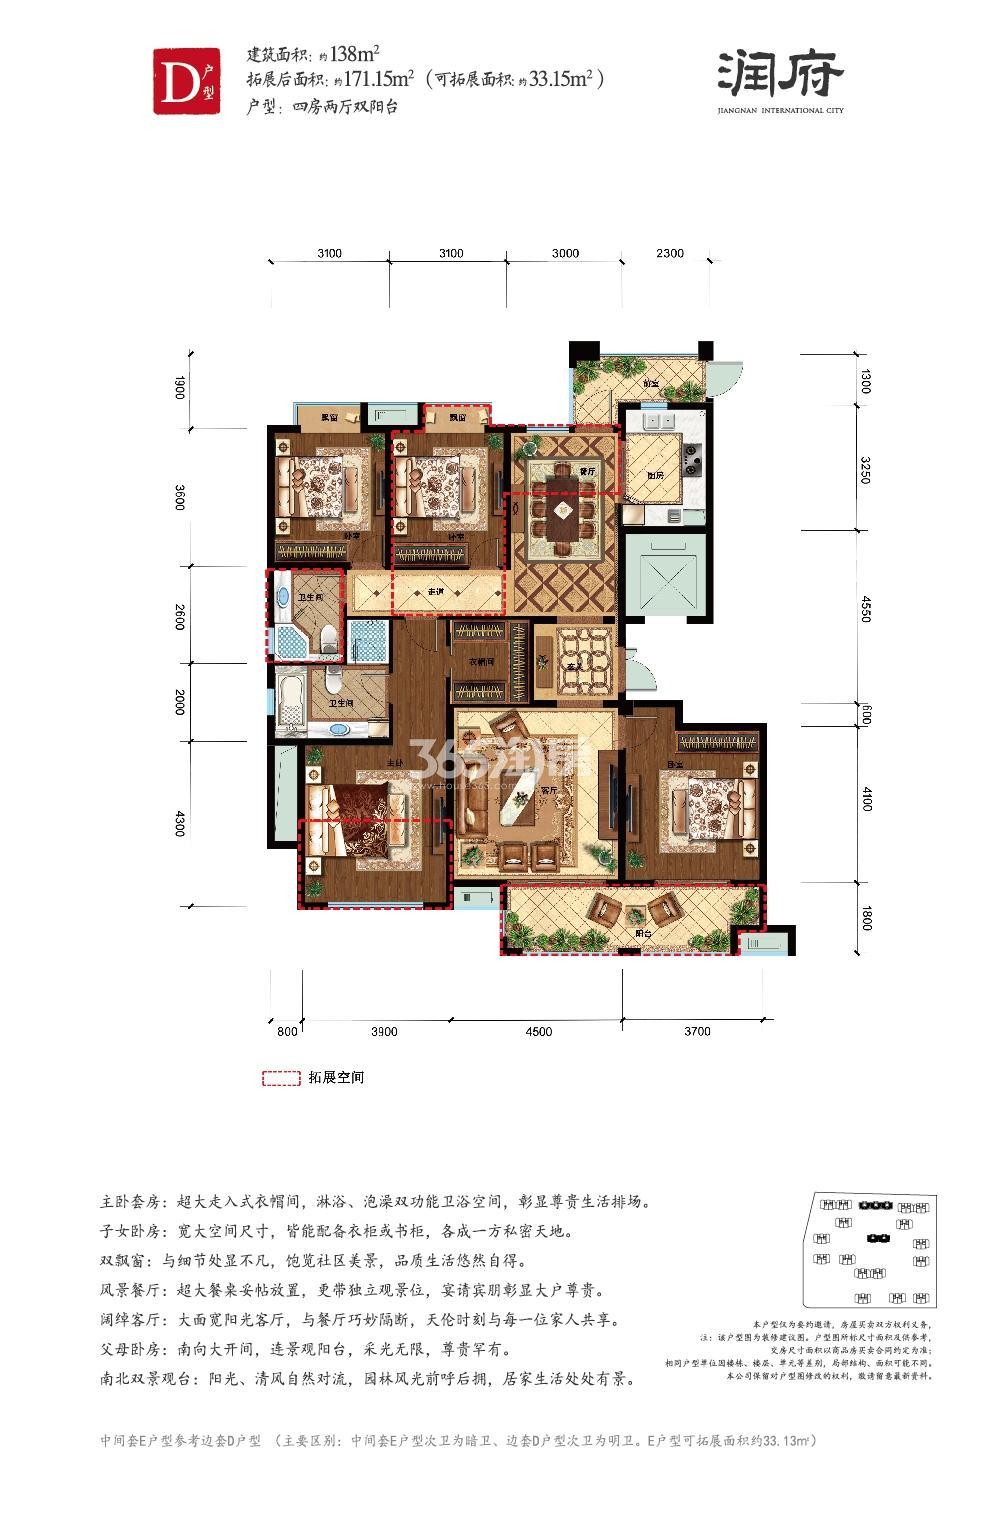 中国铁建江南国际城D户型图 138方(9、14号楼)